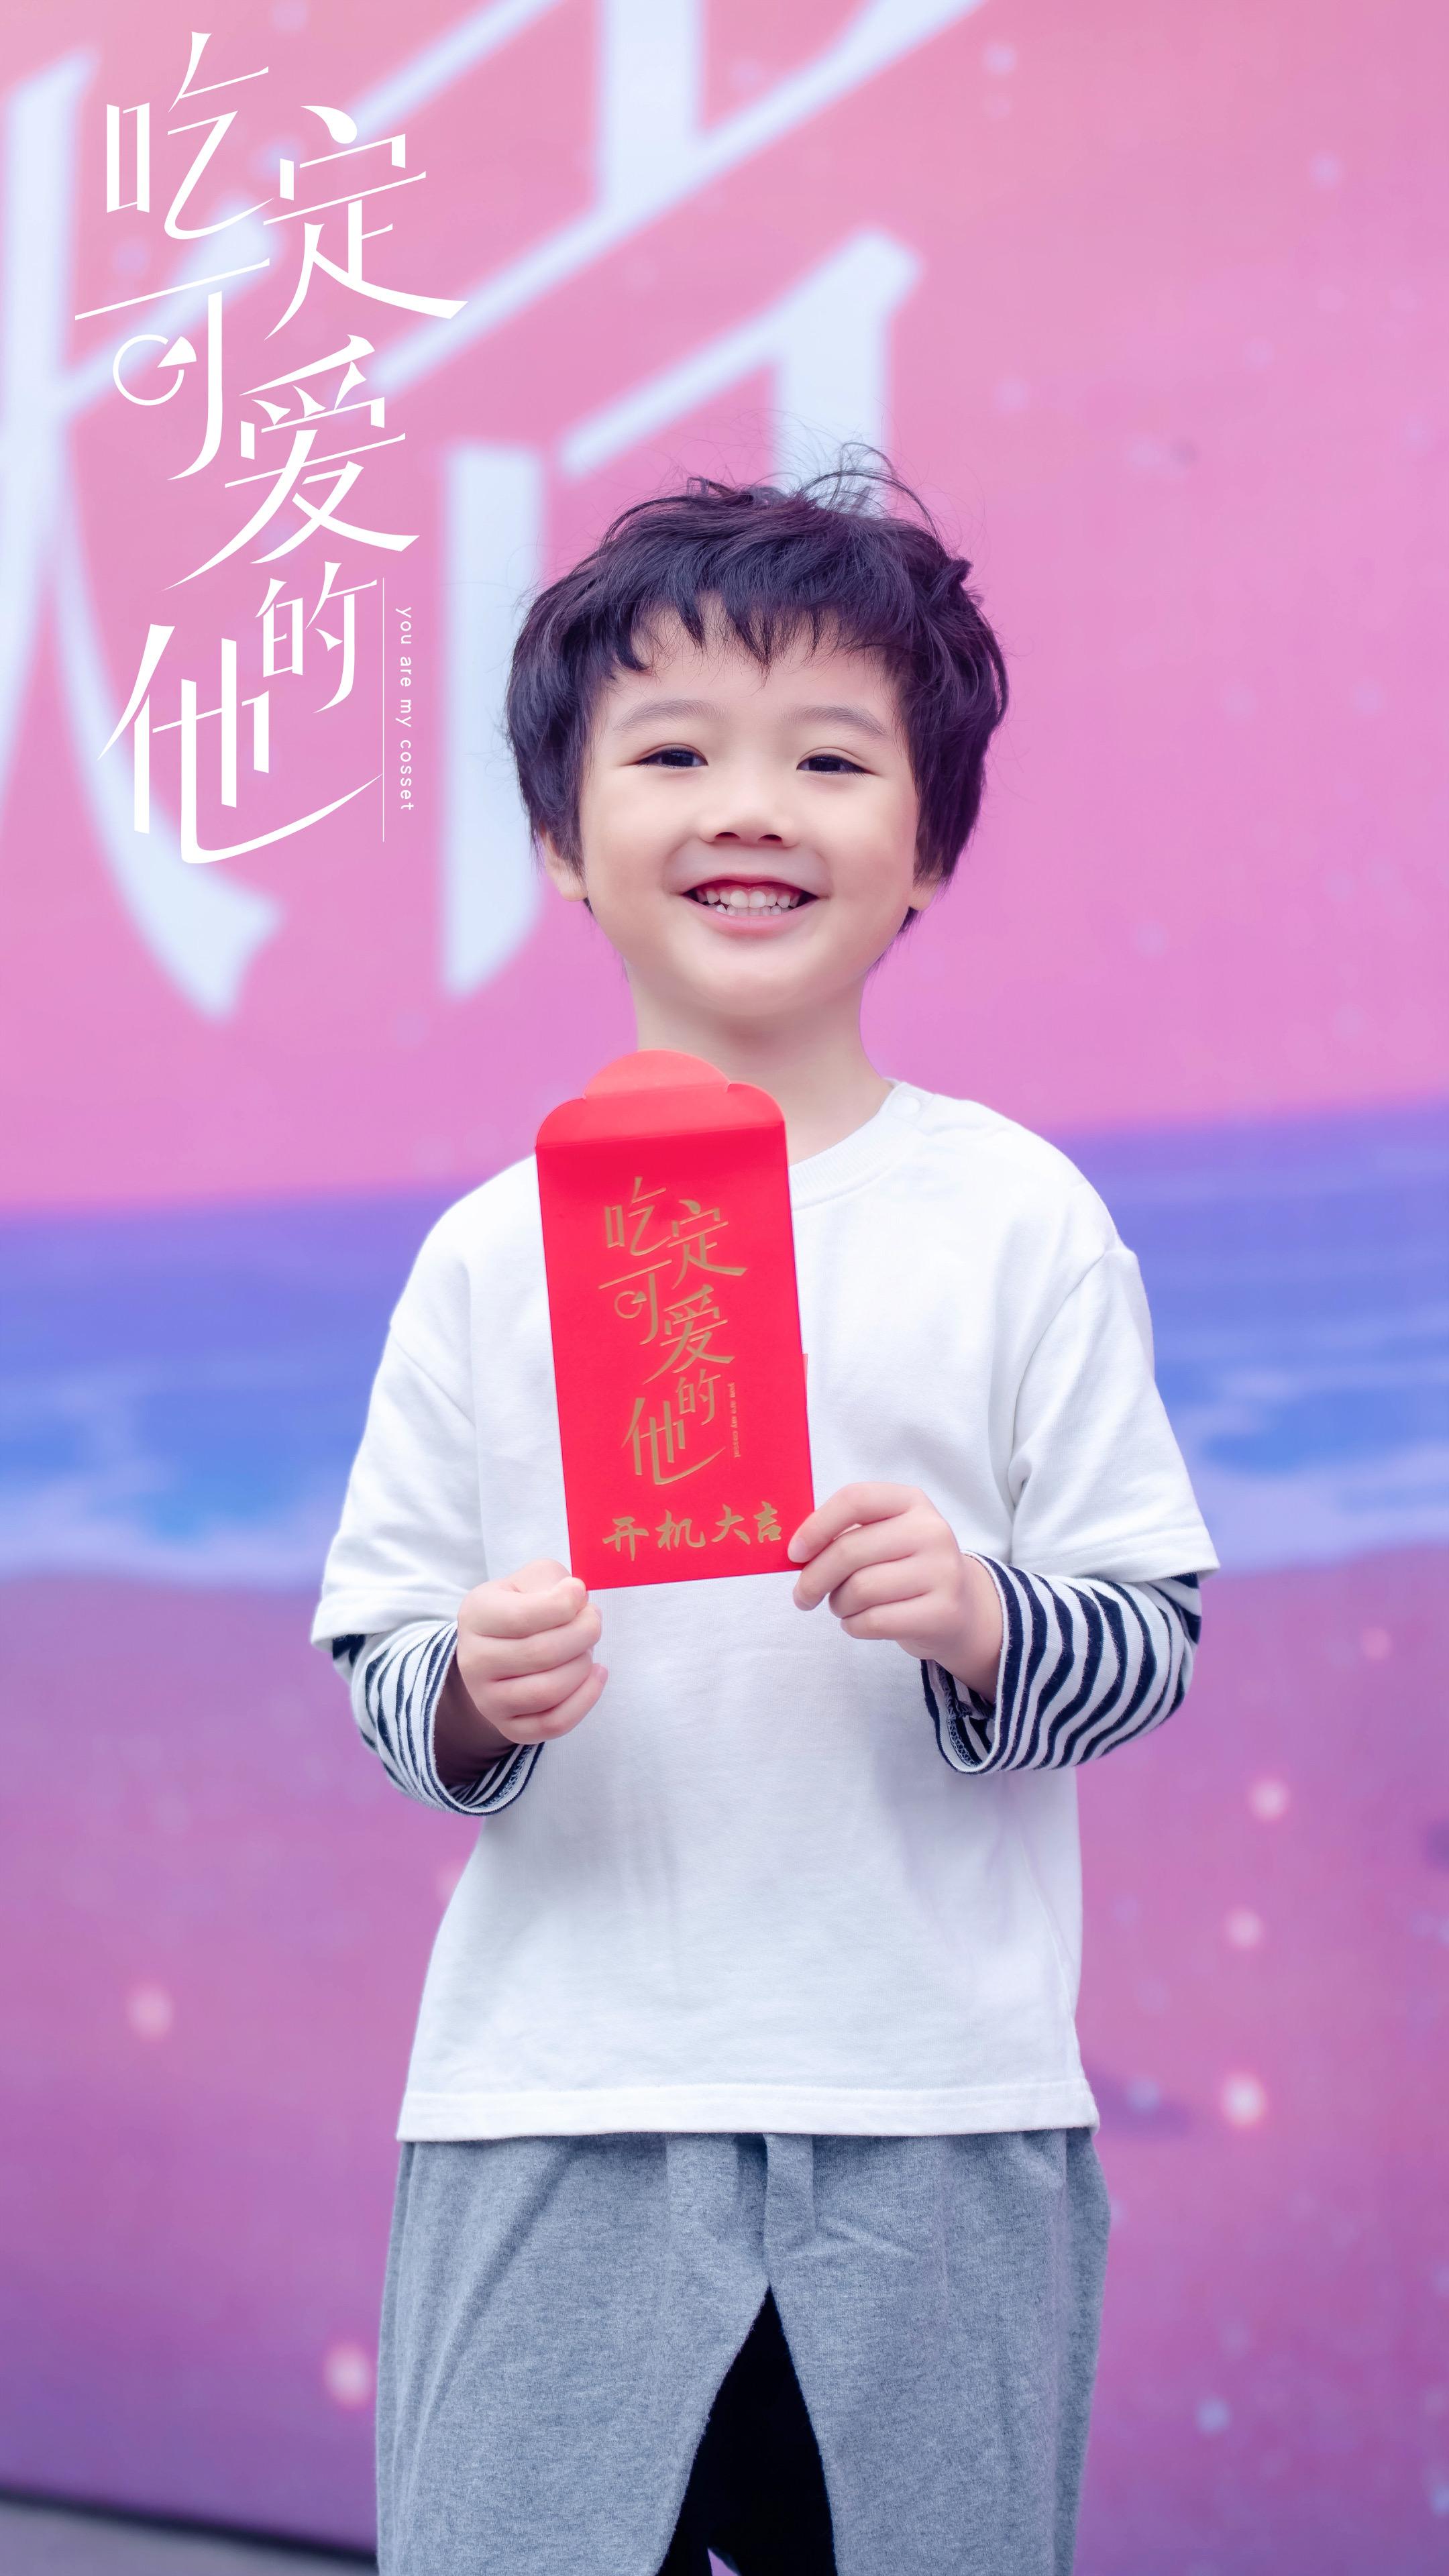 10.�O思程�睿睿.JPG